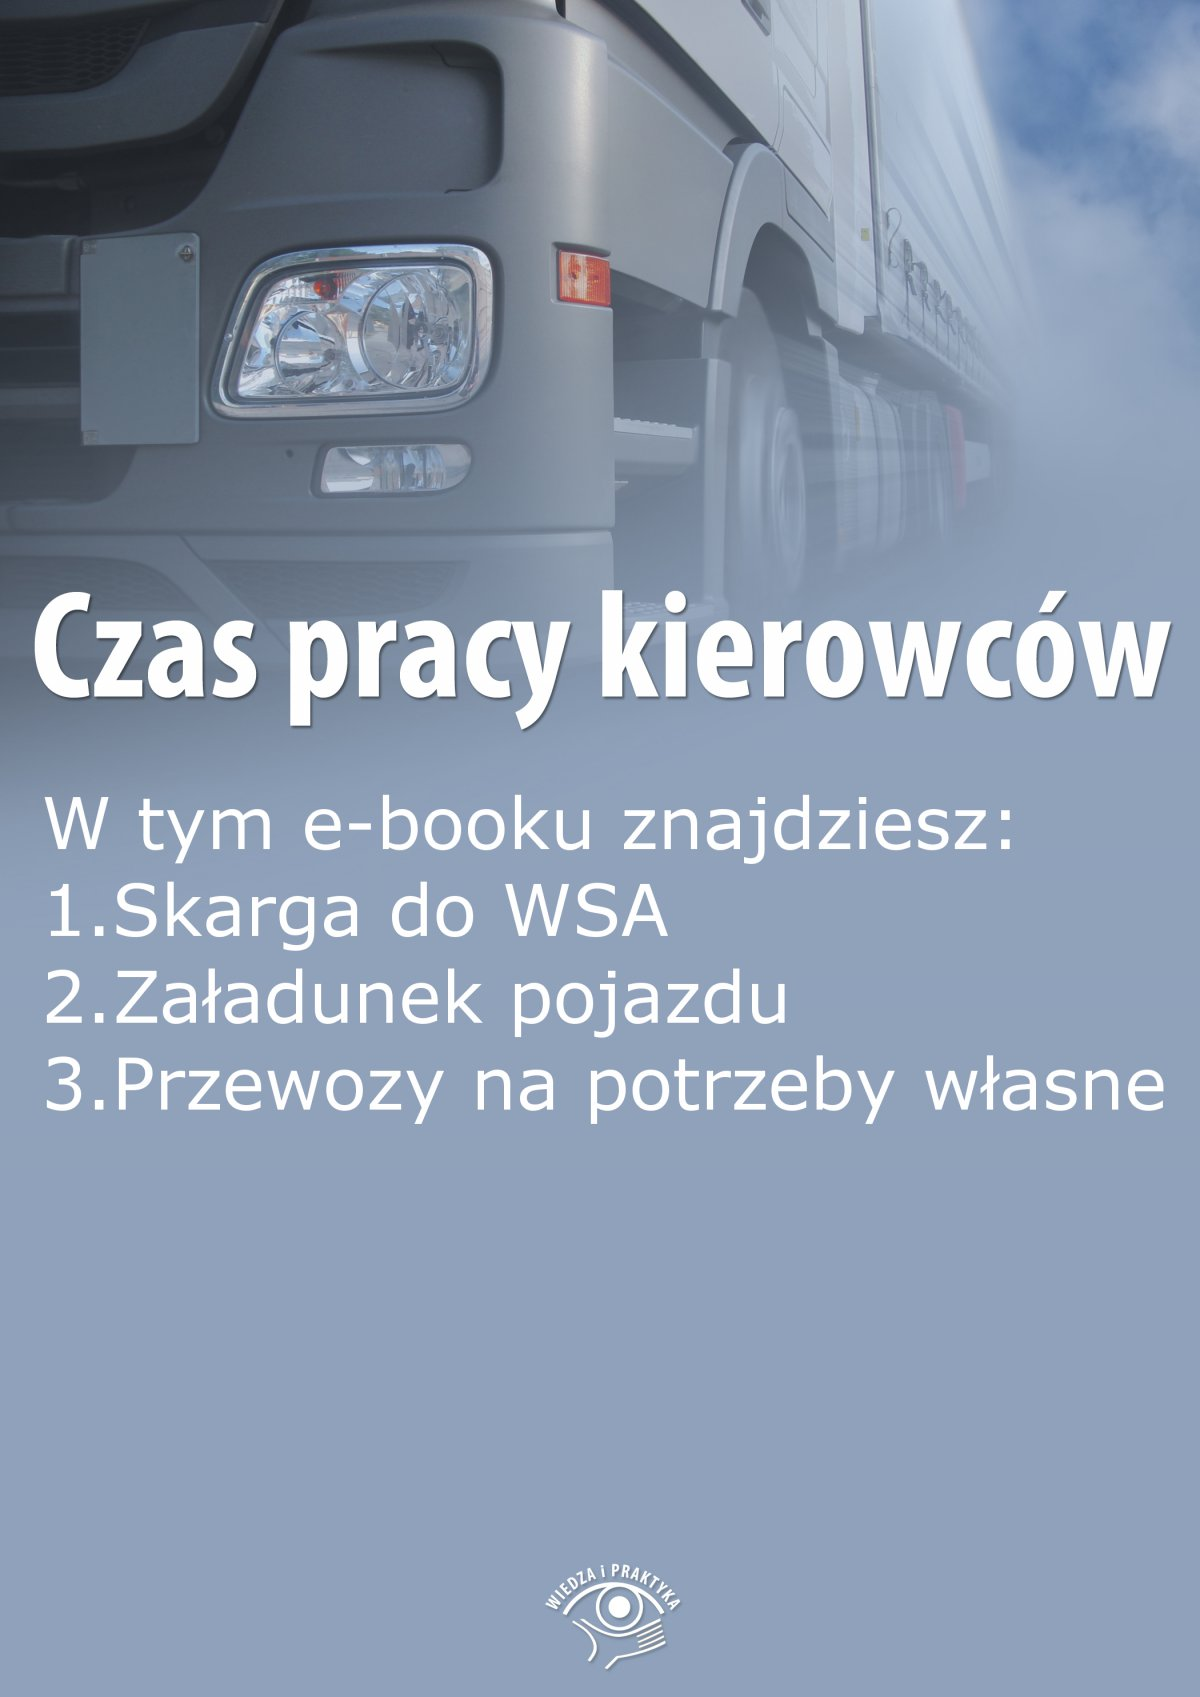 Czas pracy kierowców, wydanie październik 2015 r. - Ebook (Książka EPUB) do pobrania w formacie EPUB